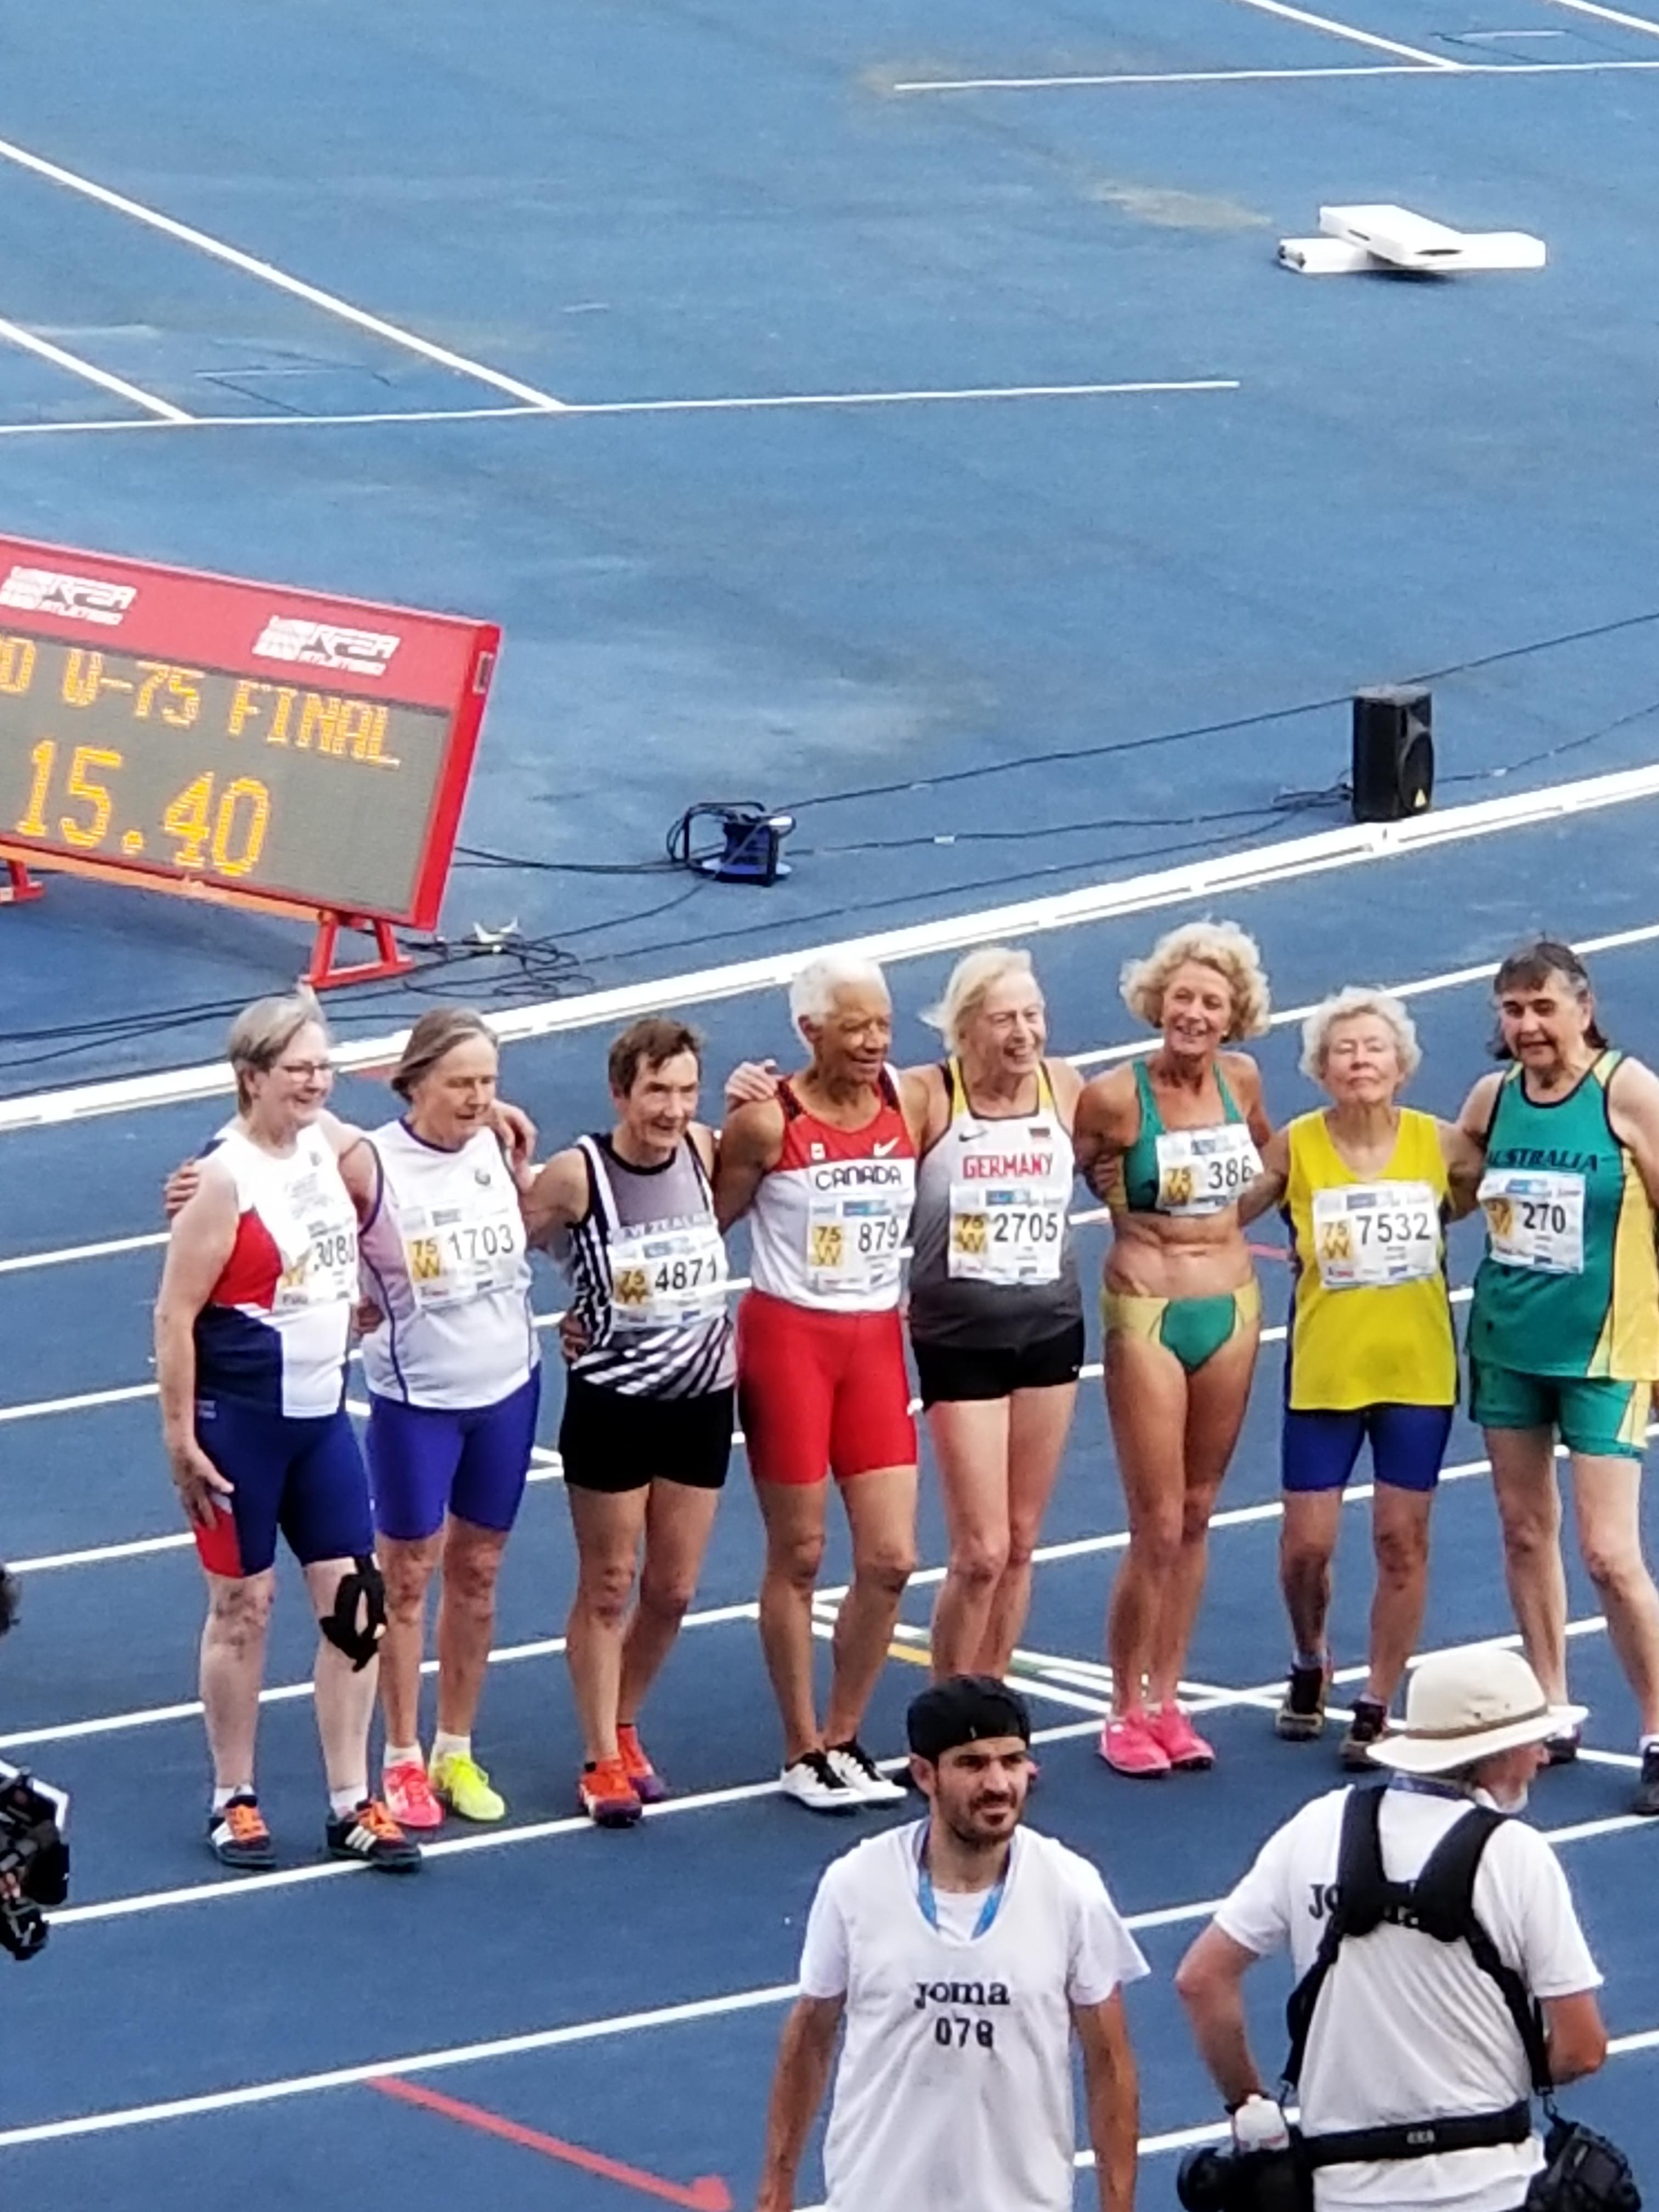 Carol LaFayette-Boyd with team.